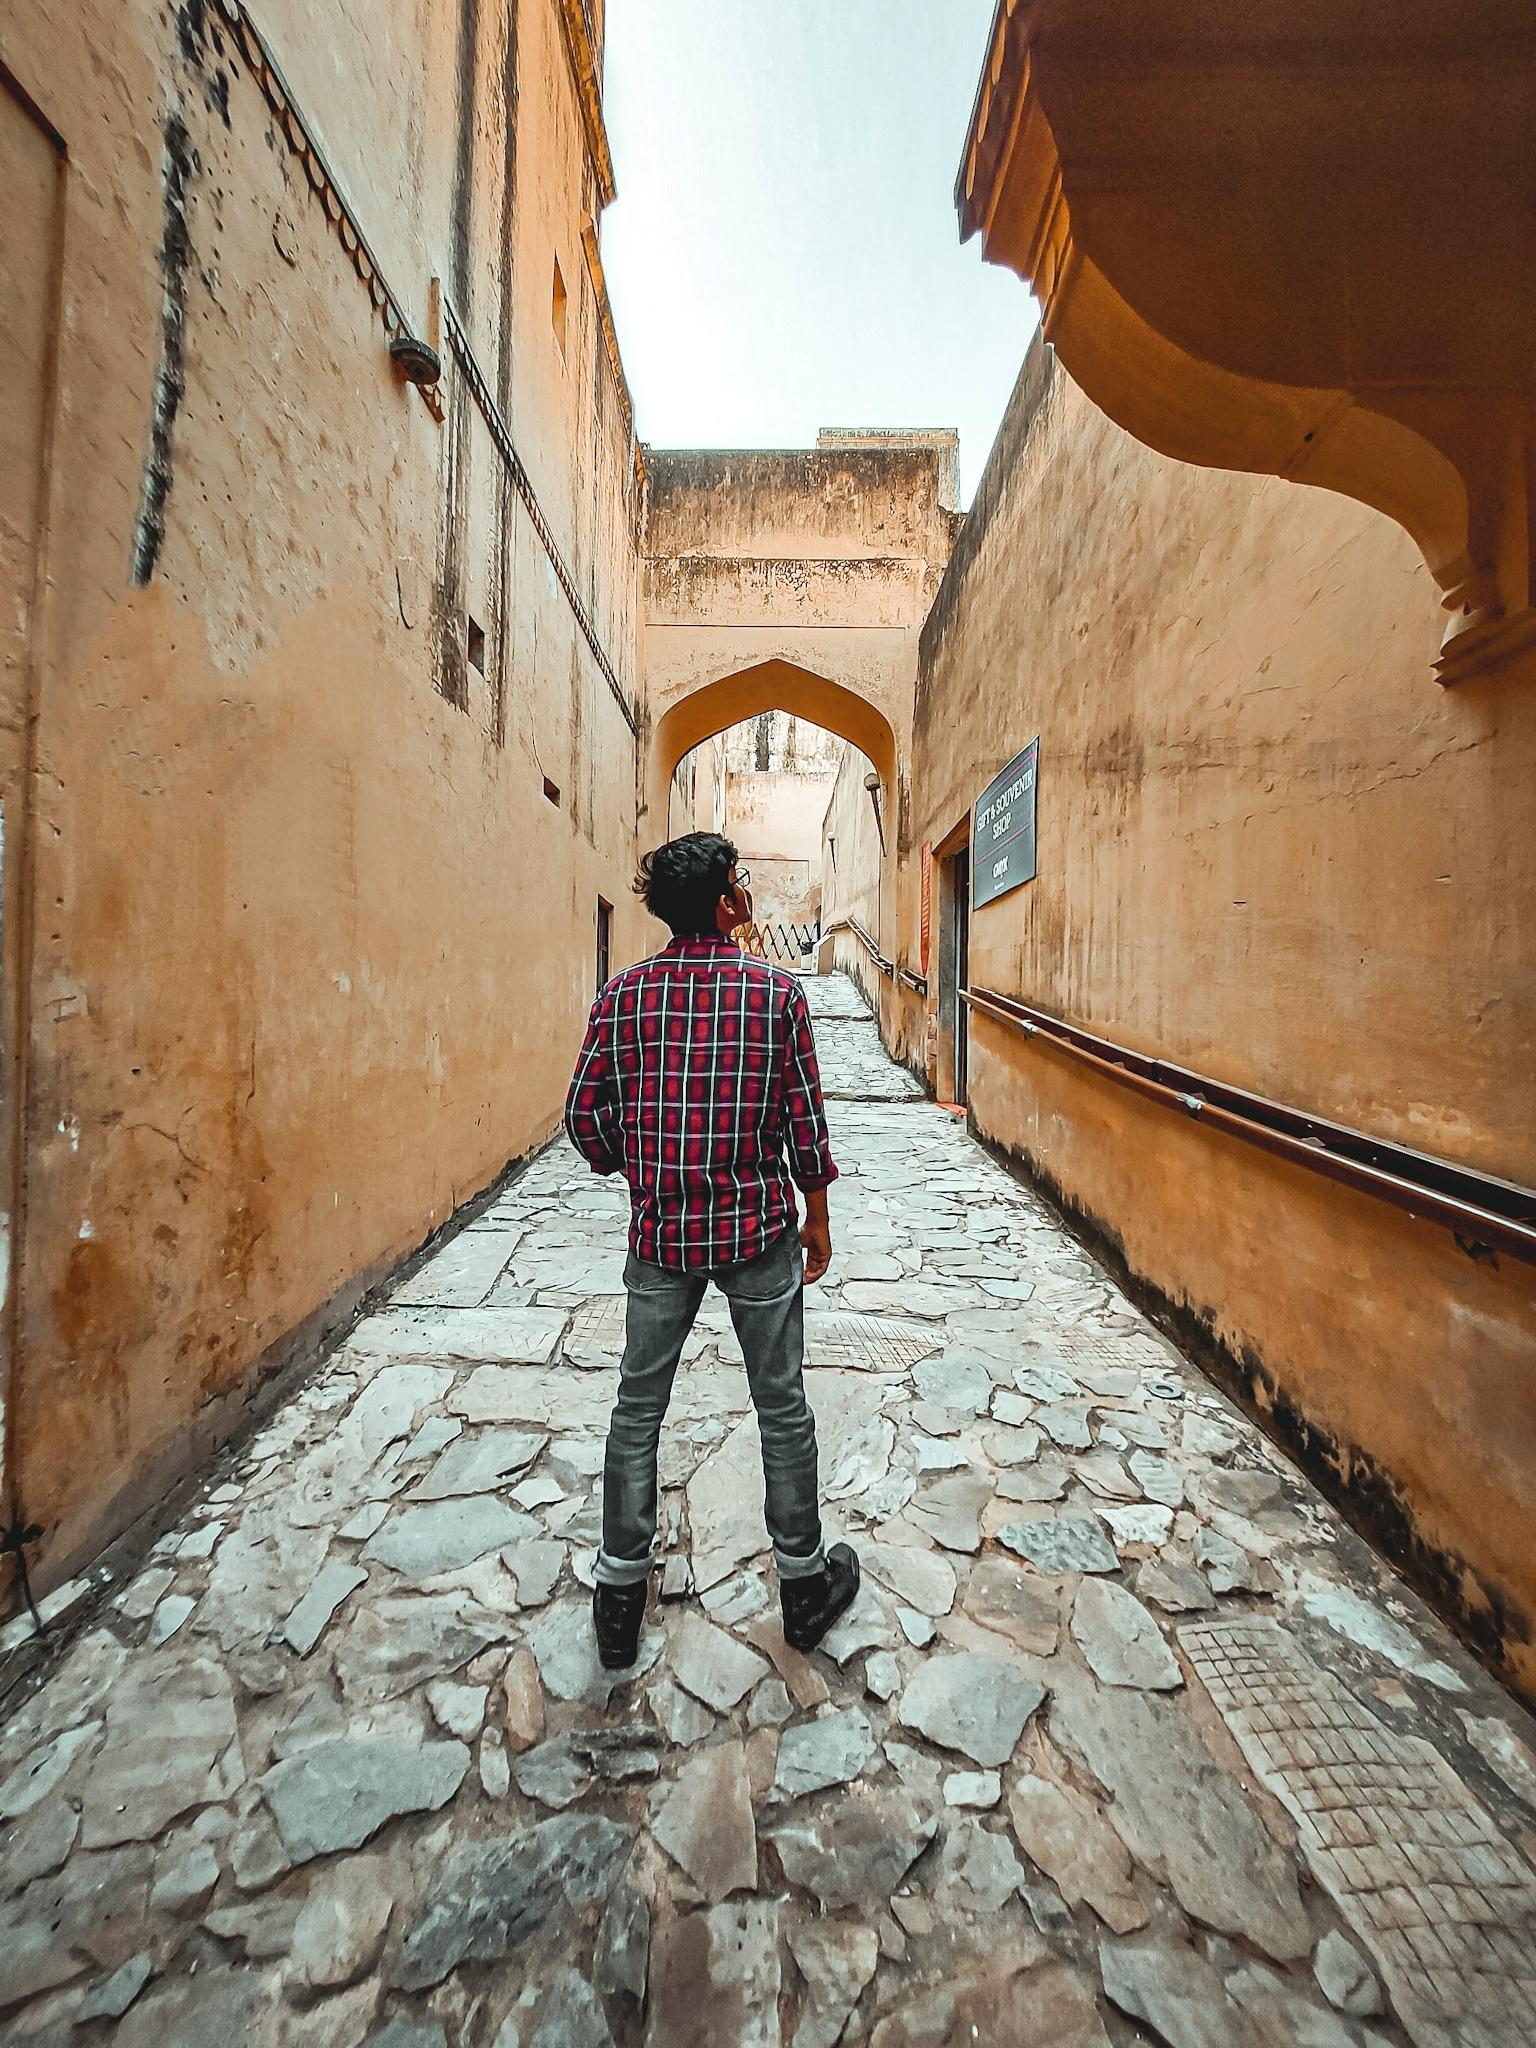 A boy in a street